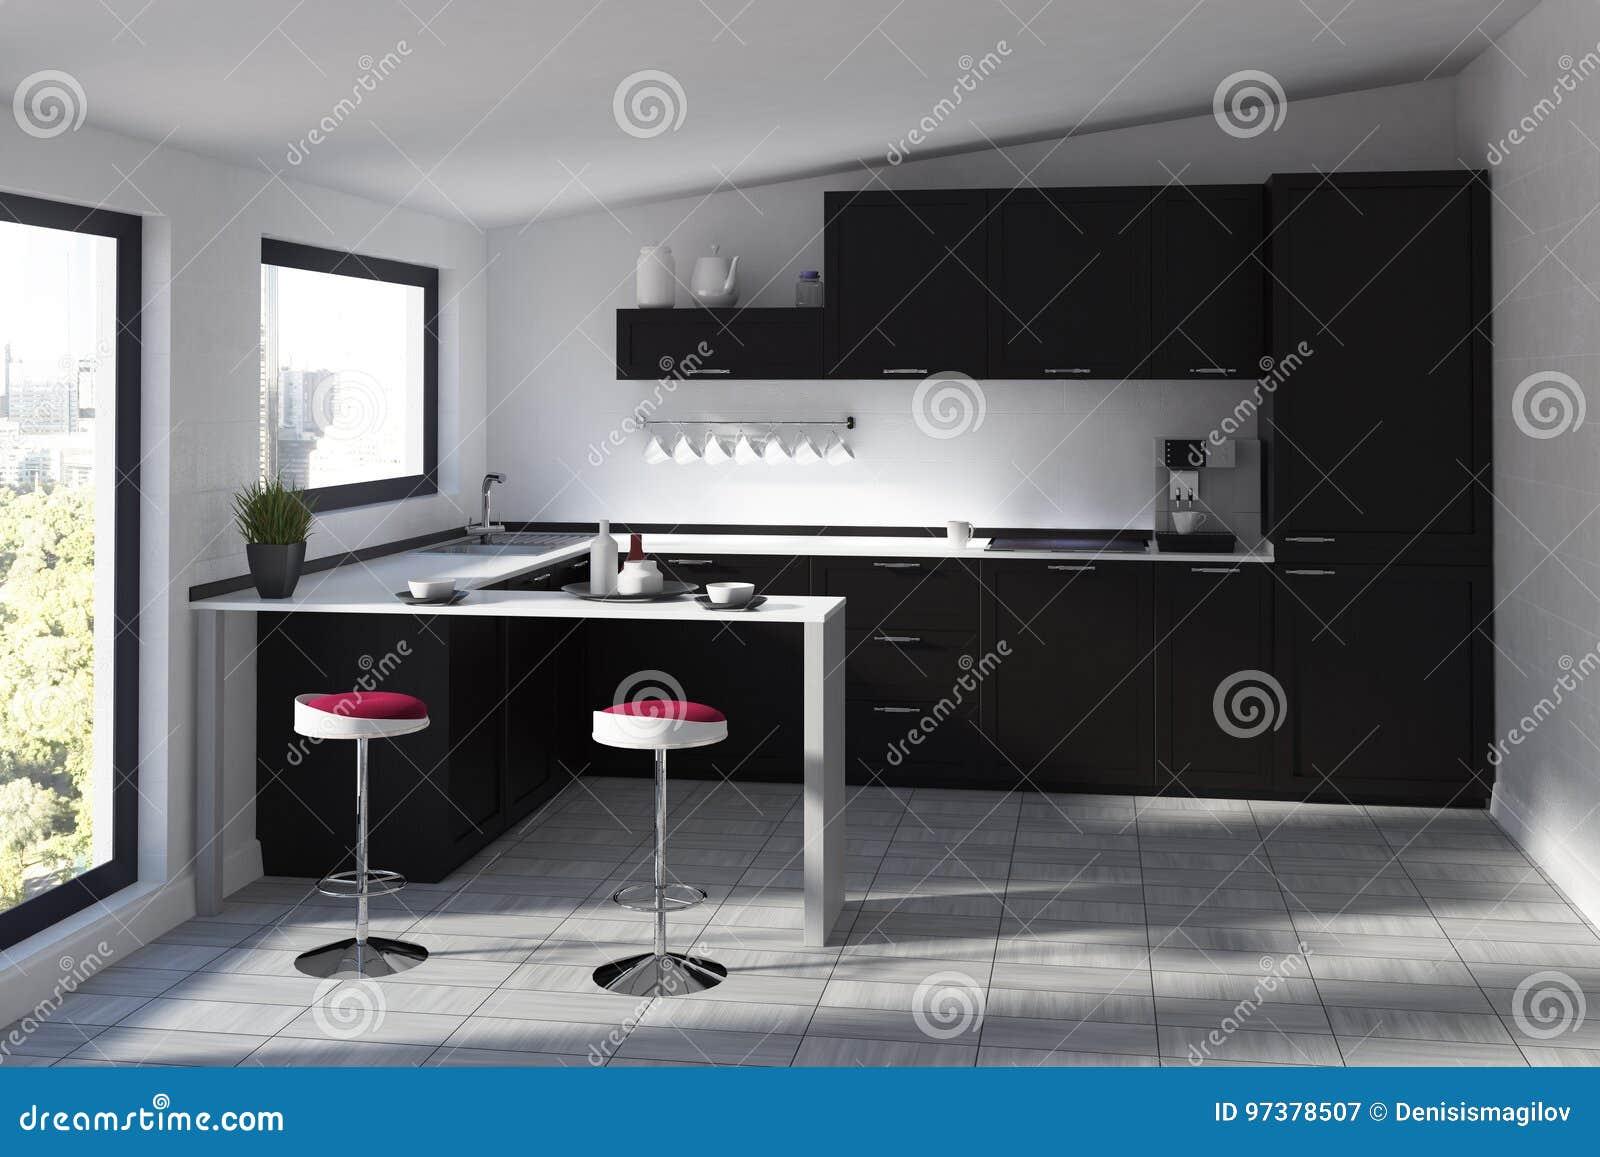 Futuristische Küche Mit Einer Stange, Schwarz Stock Abbildung ...